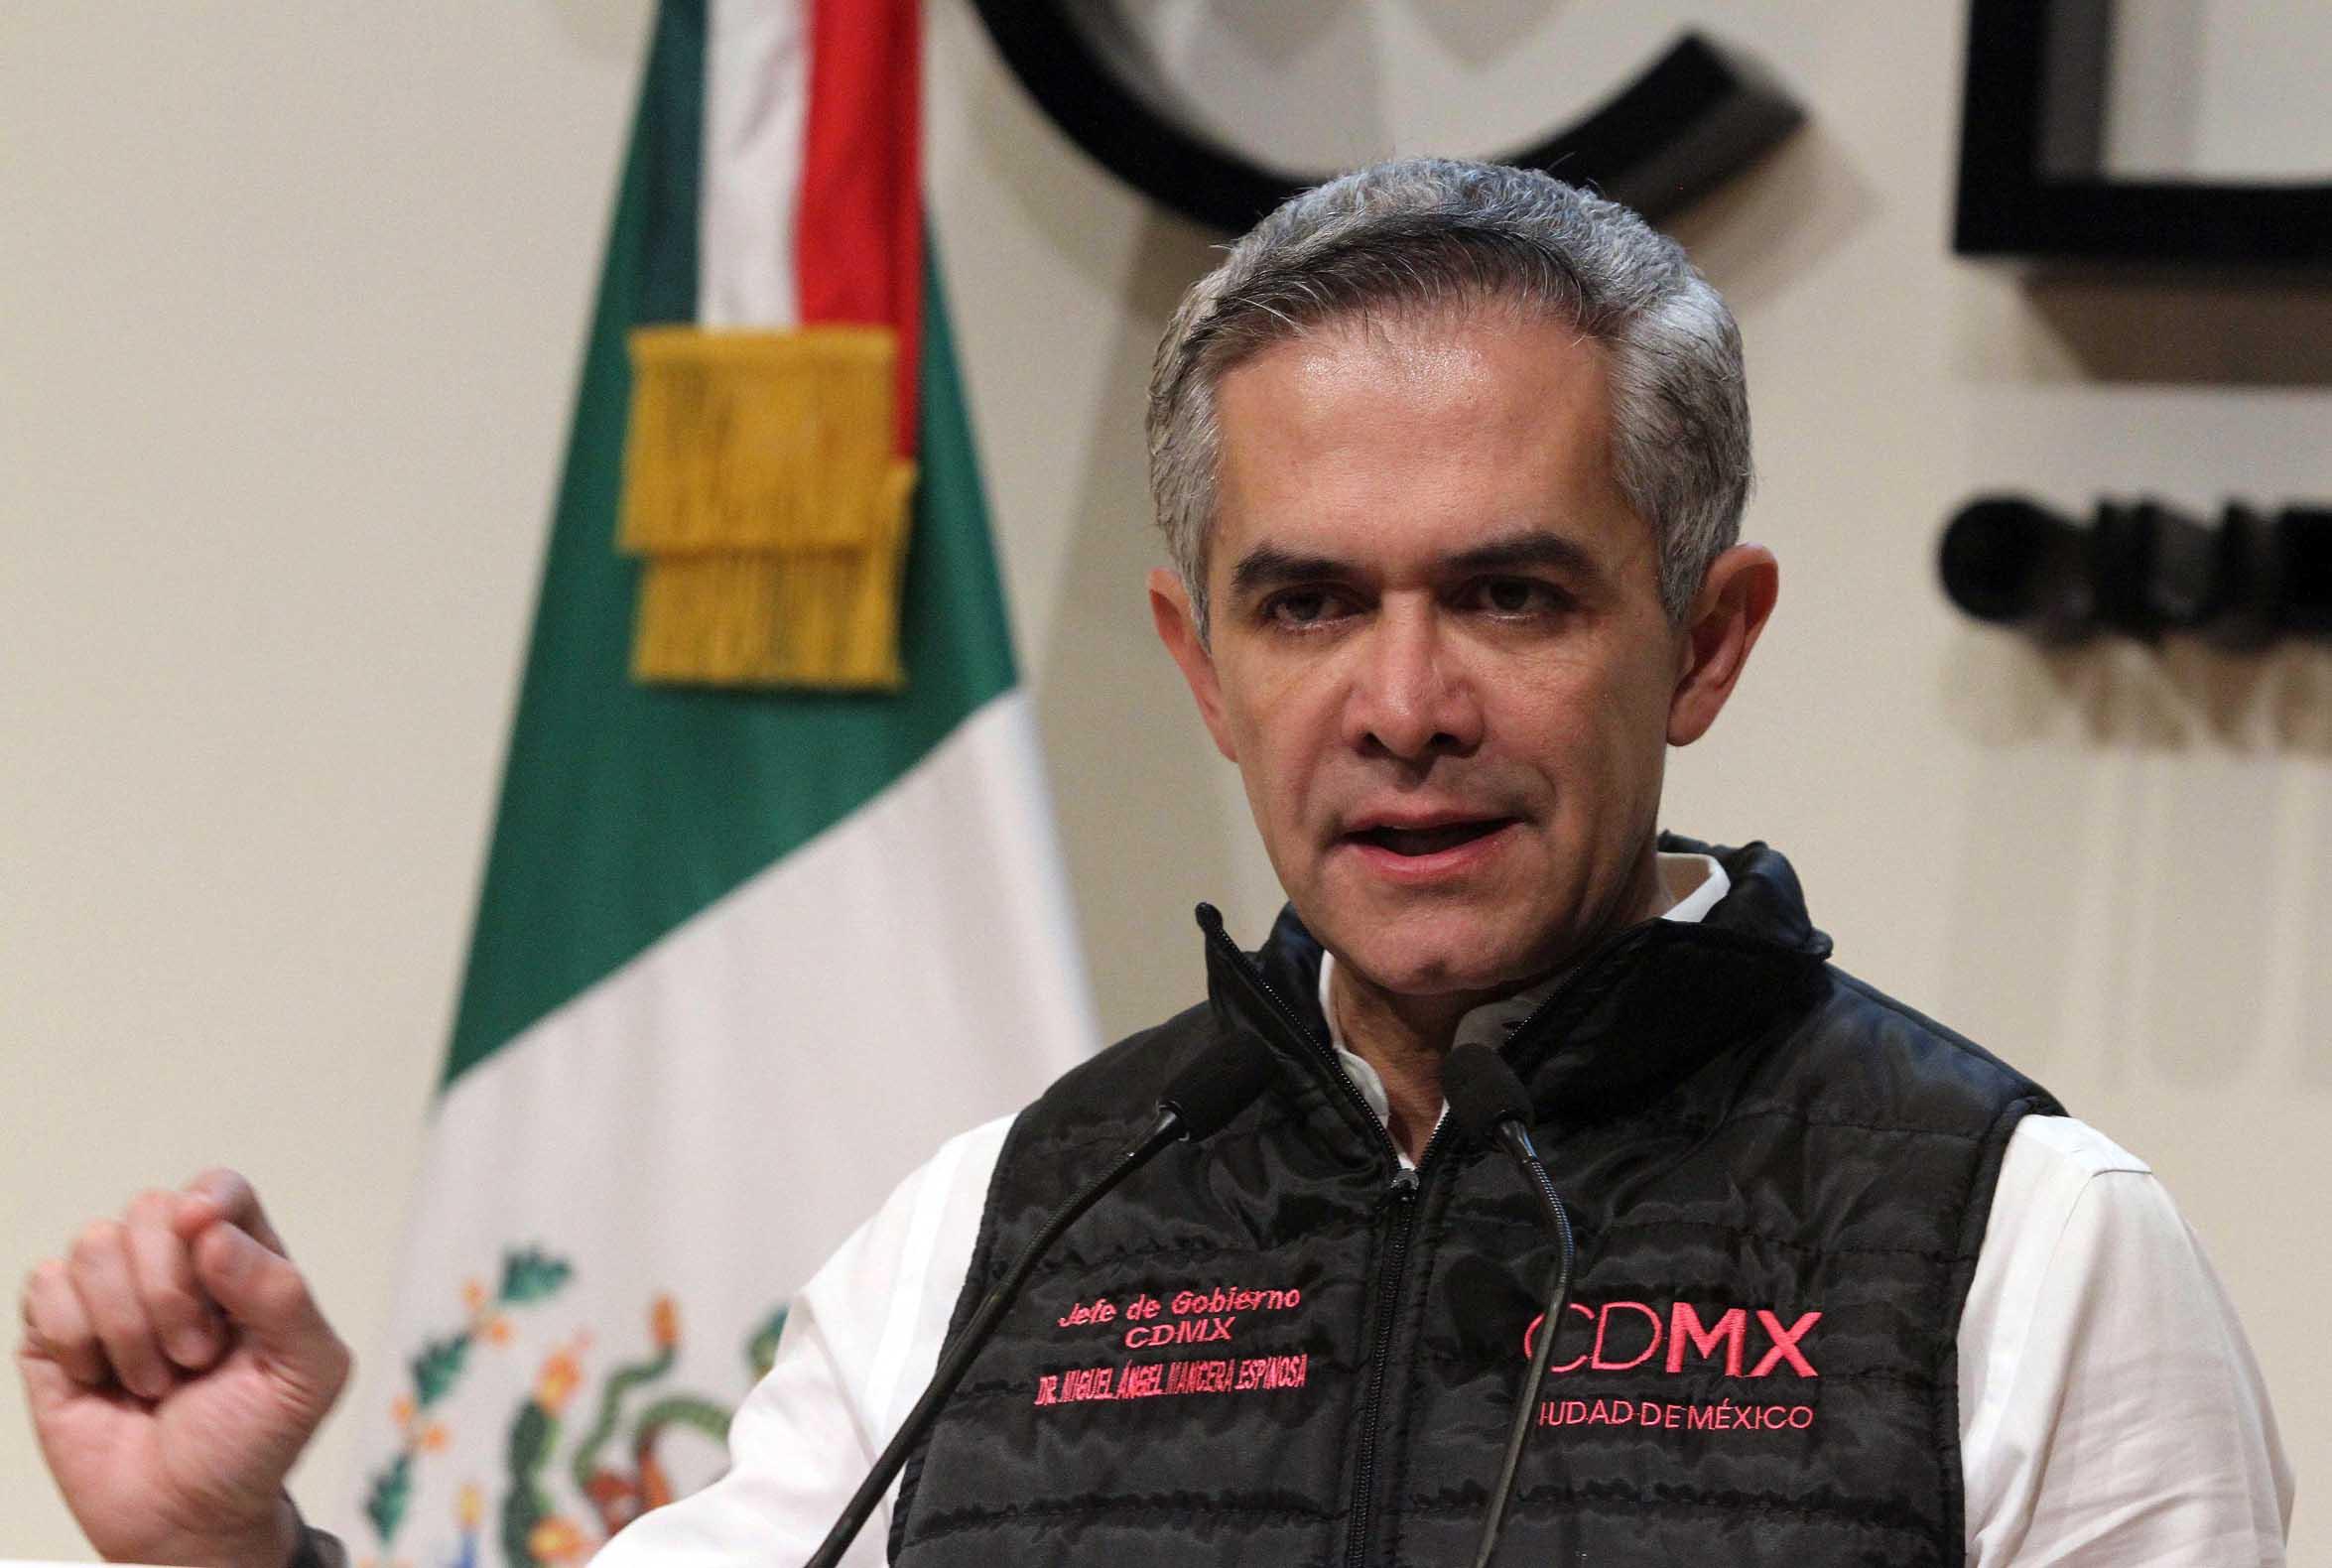 Reconstrucción de la CdMx tras 19s podría tardar años: Mancera